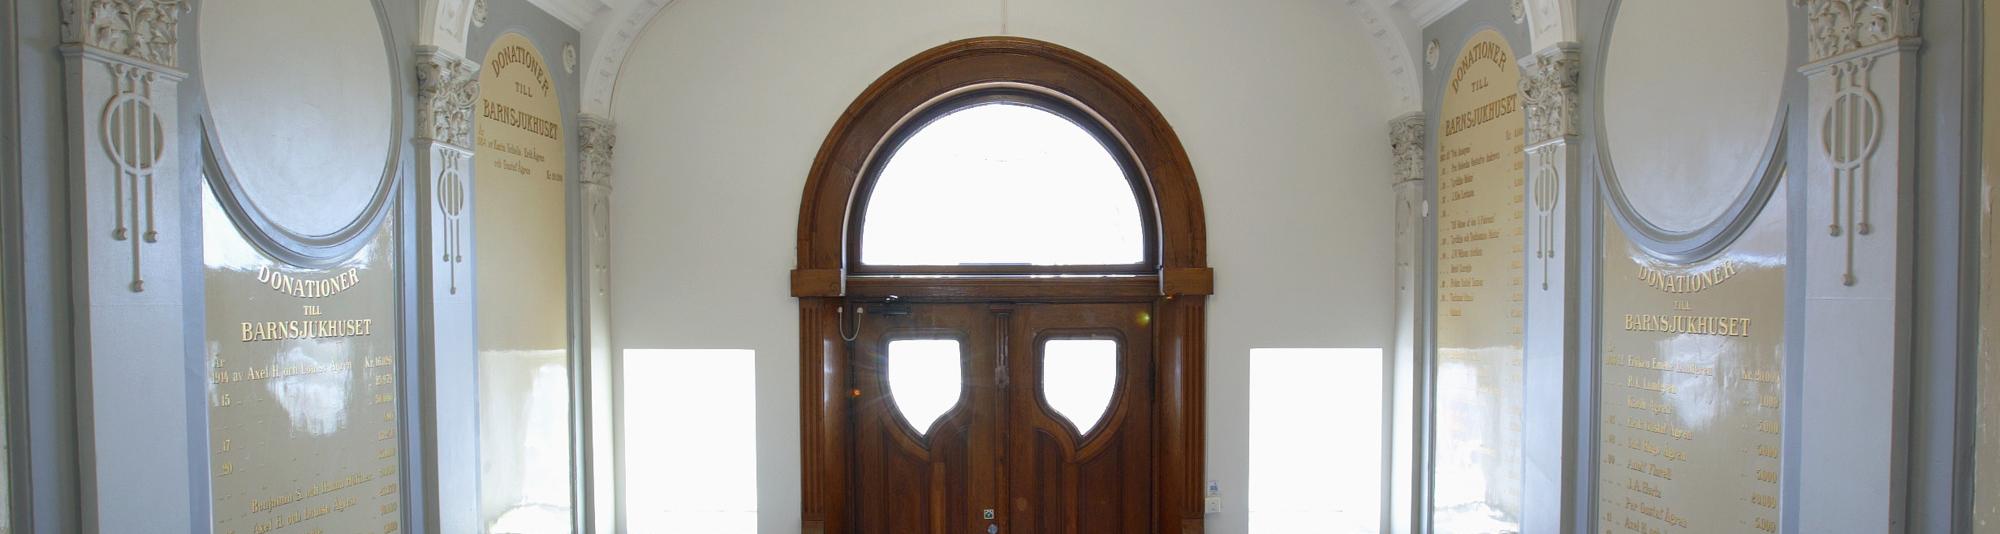 Insidan av entrén till Hälsovetarbacken med rundad träport och dekorerade stenväggar.